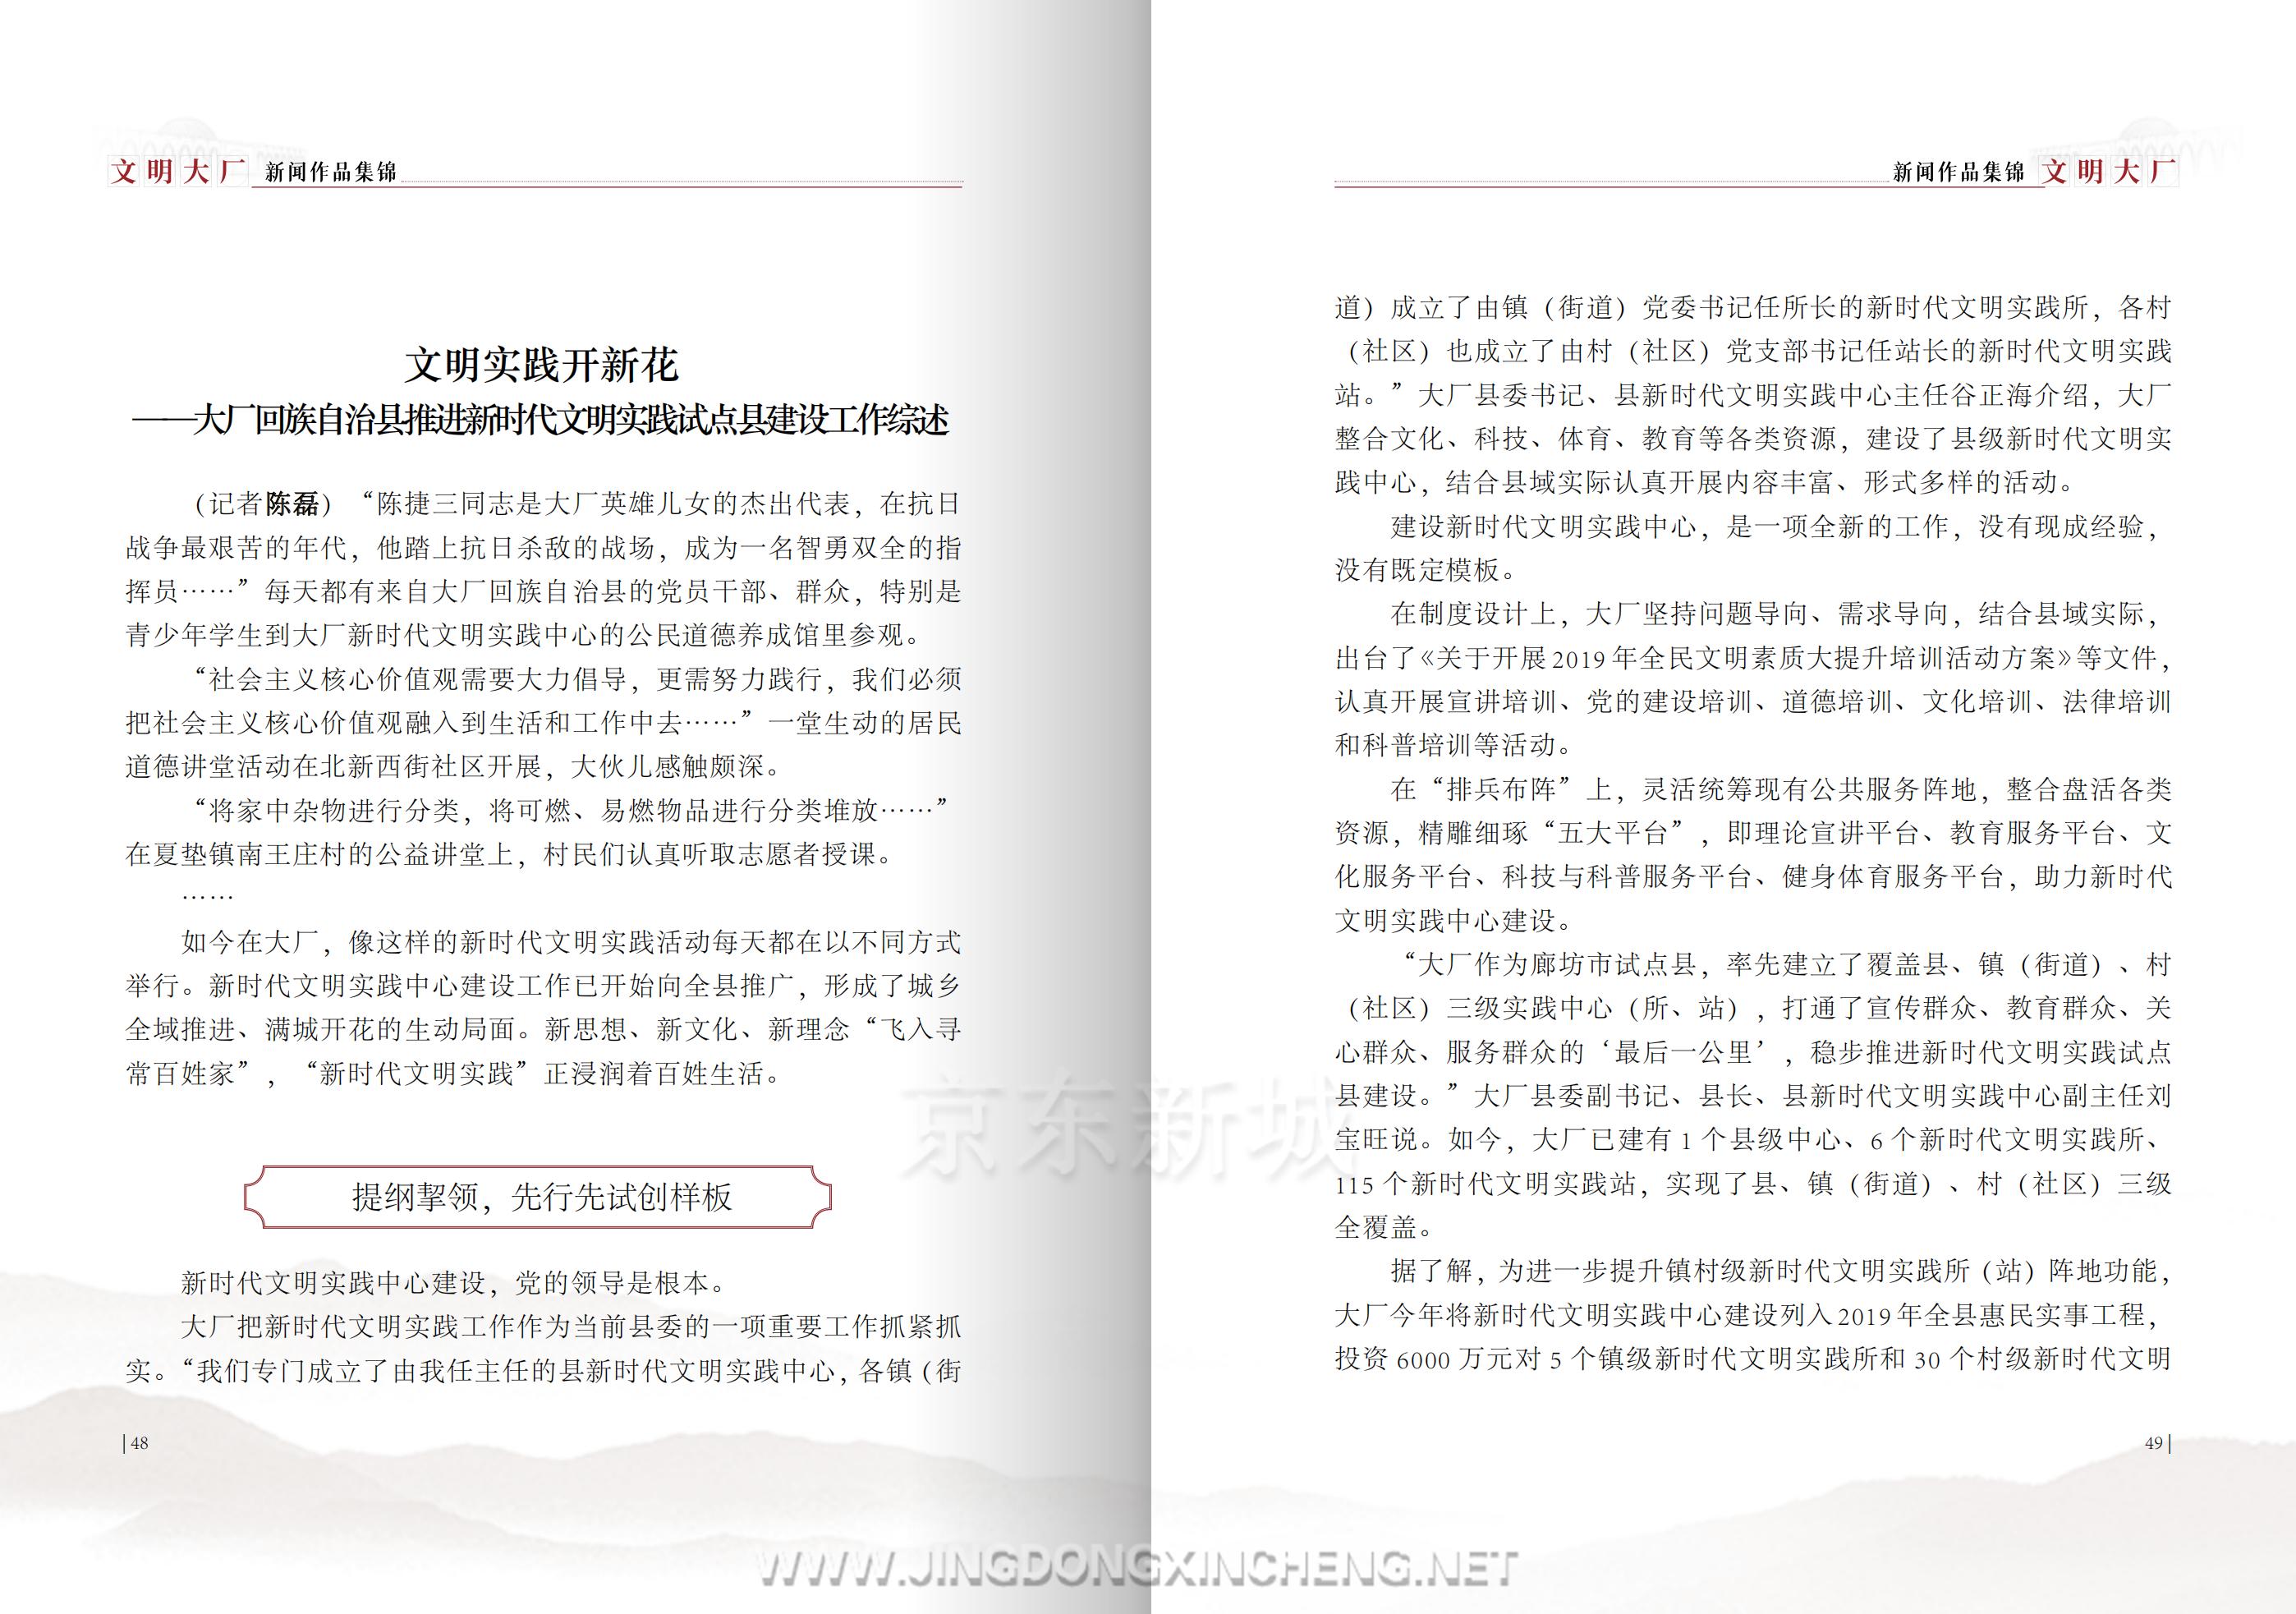 文明大厂书籍-定稿-上传版_28.png